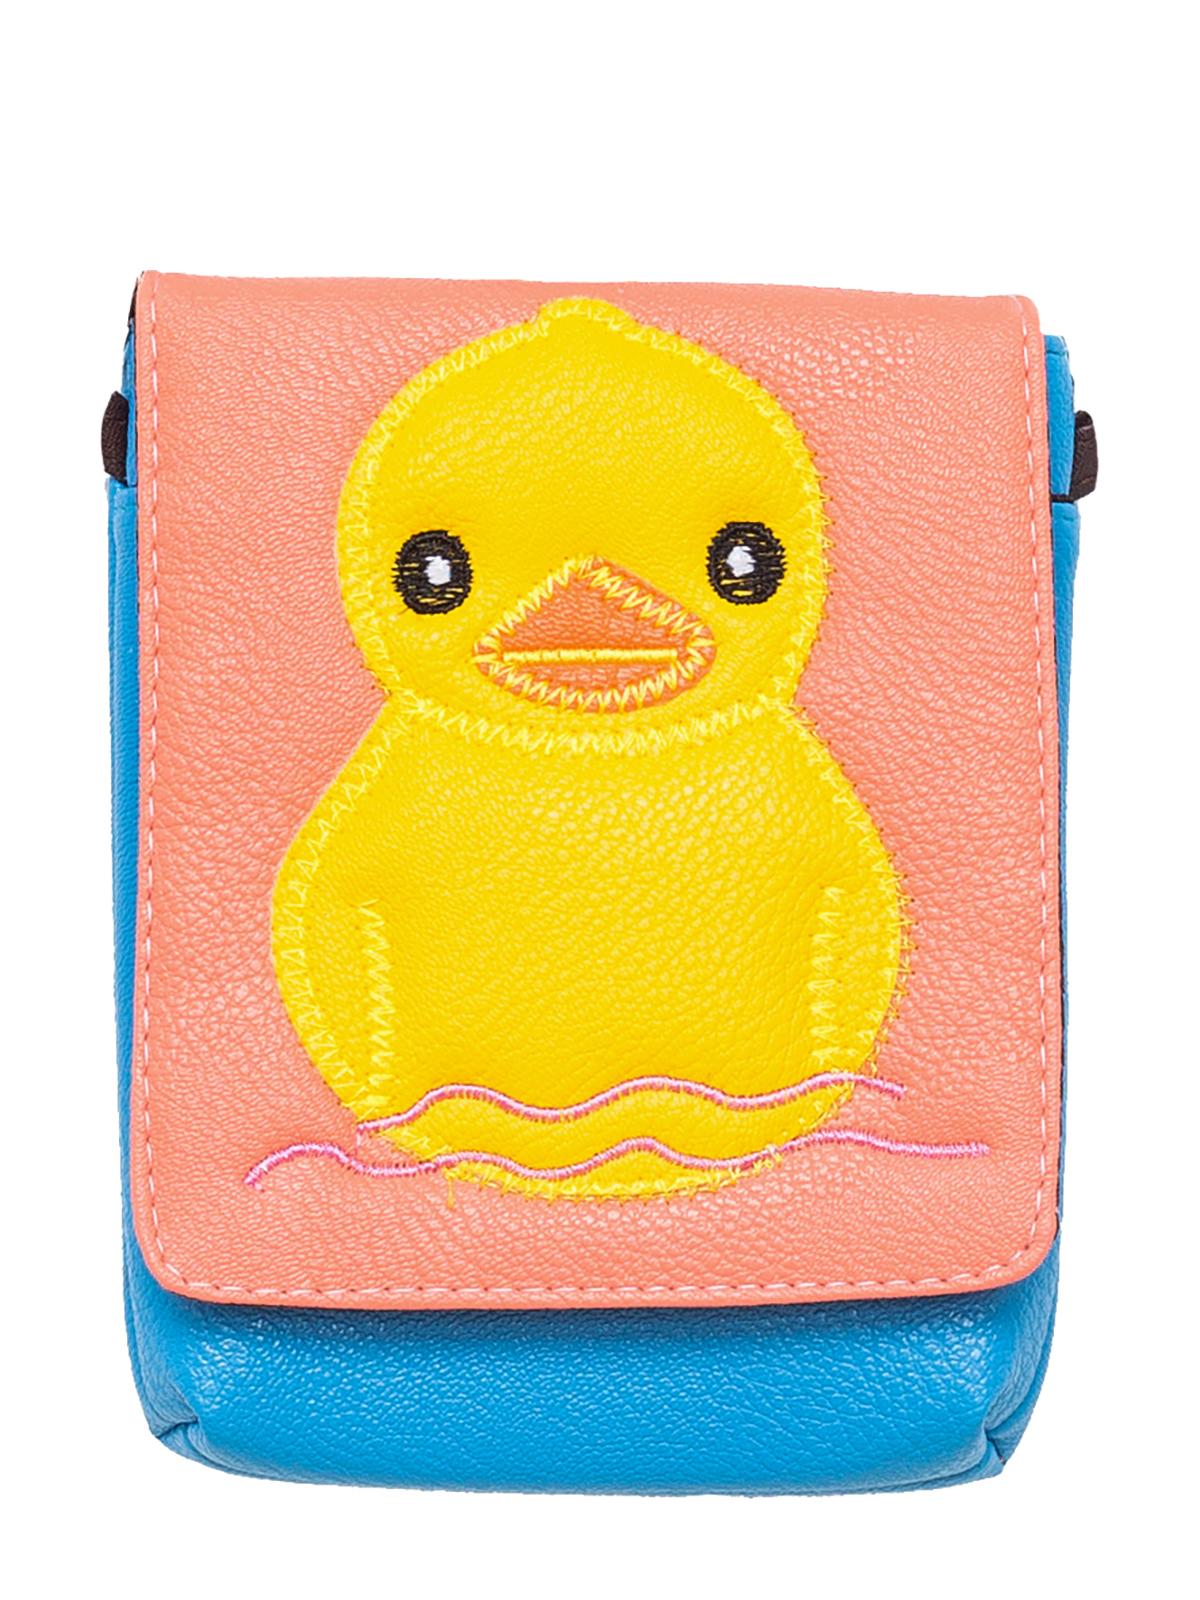 Купить Сумка детская Mellizos bsg57-3, Детские сумки